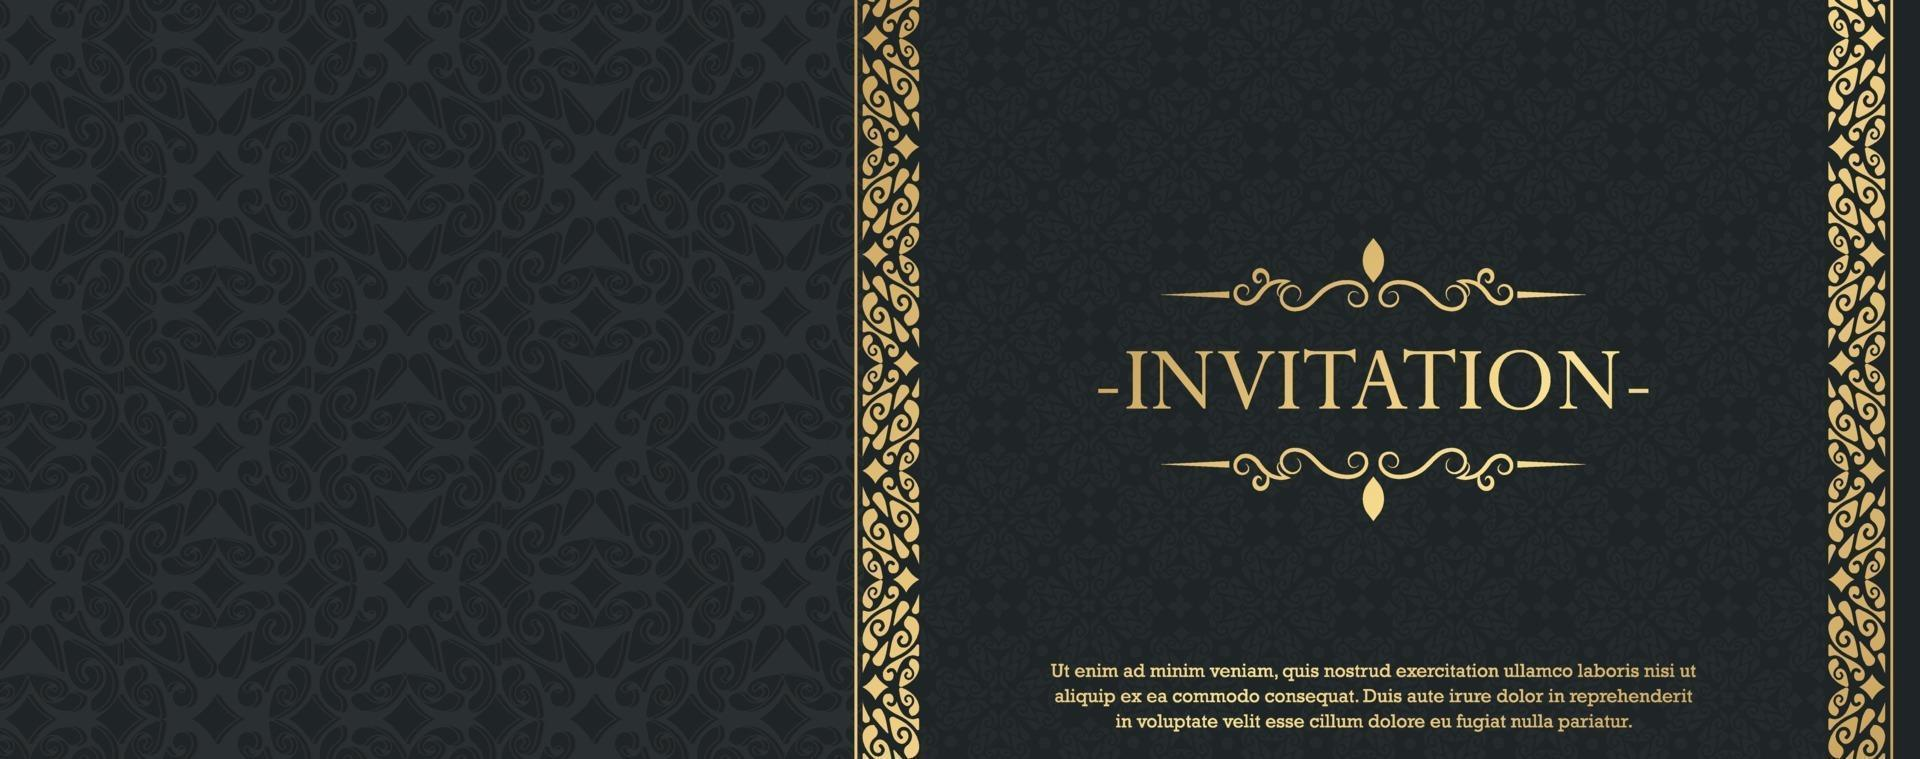 convite de luxo estilo de fundo padrão ornamental vetor